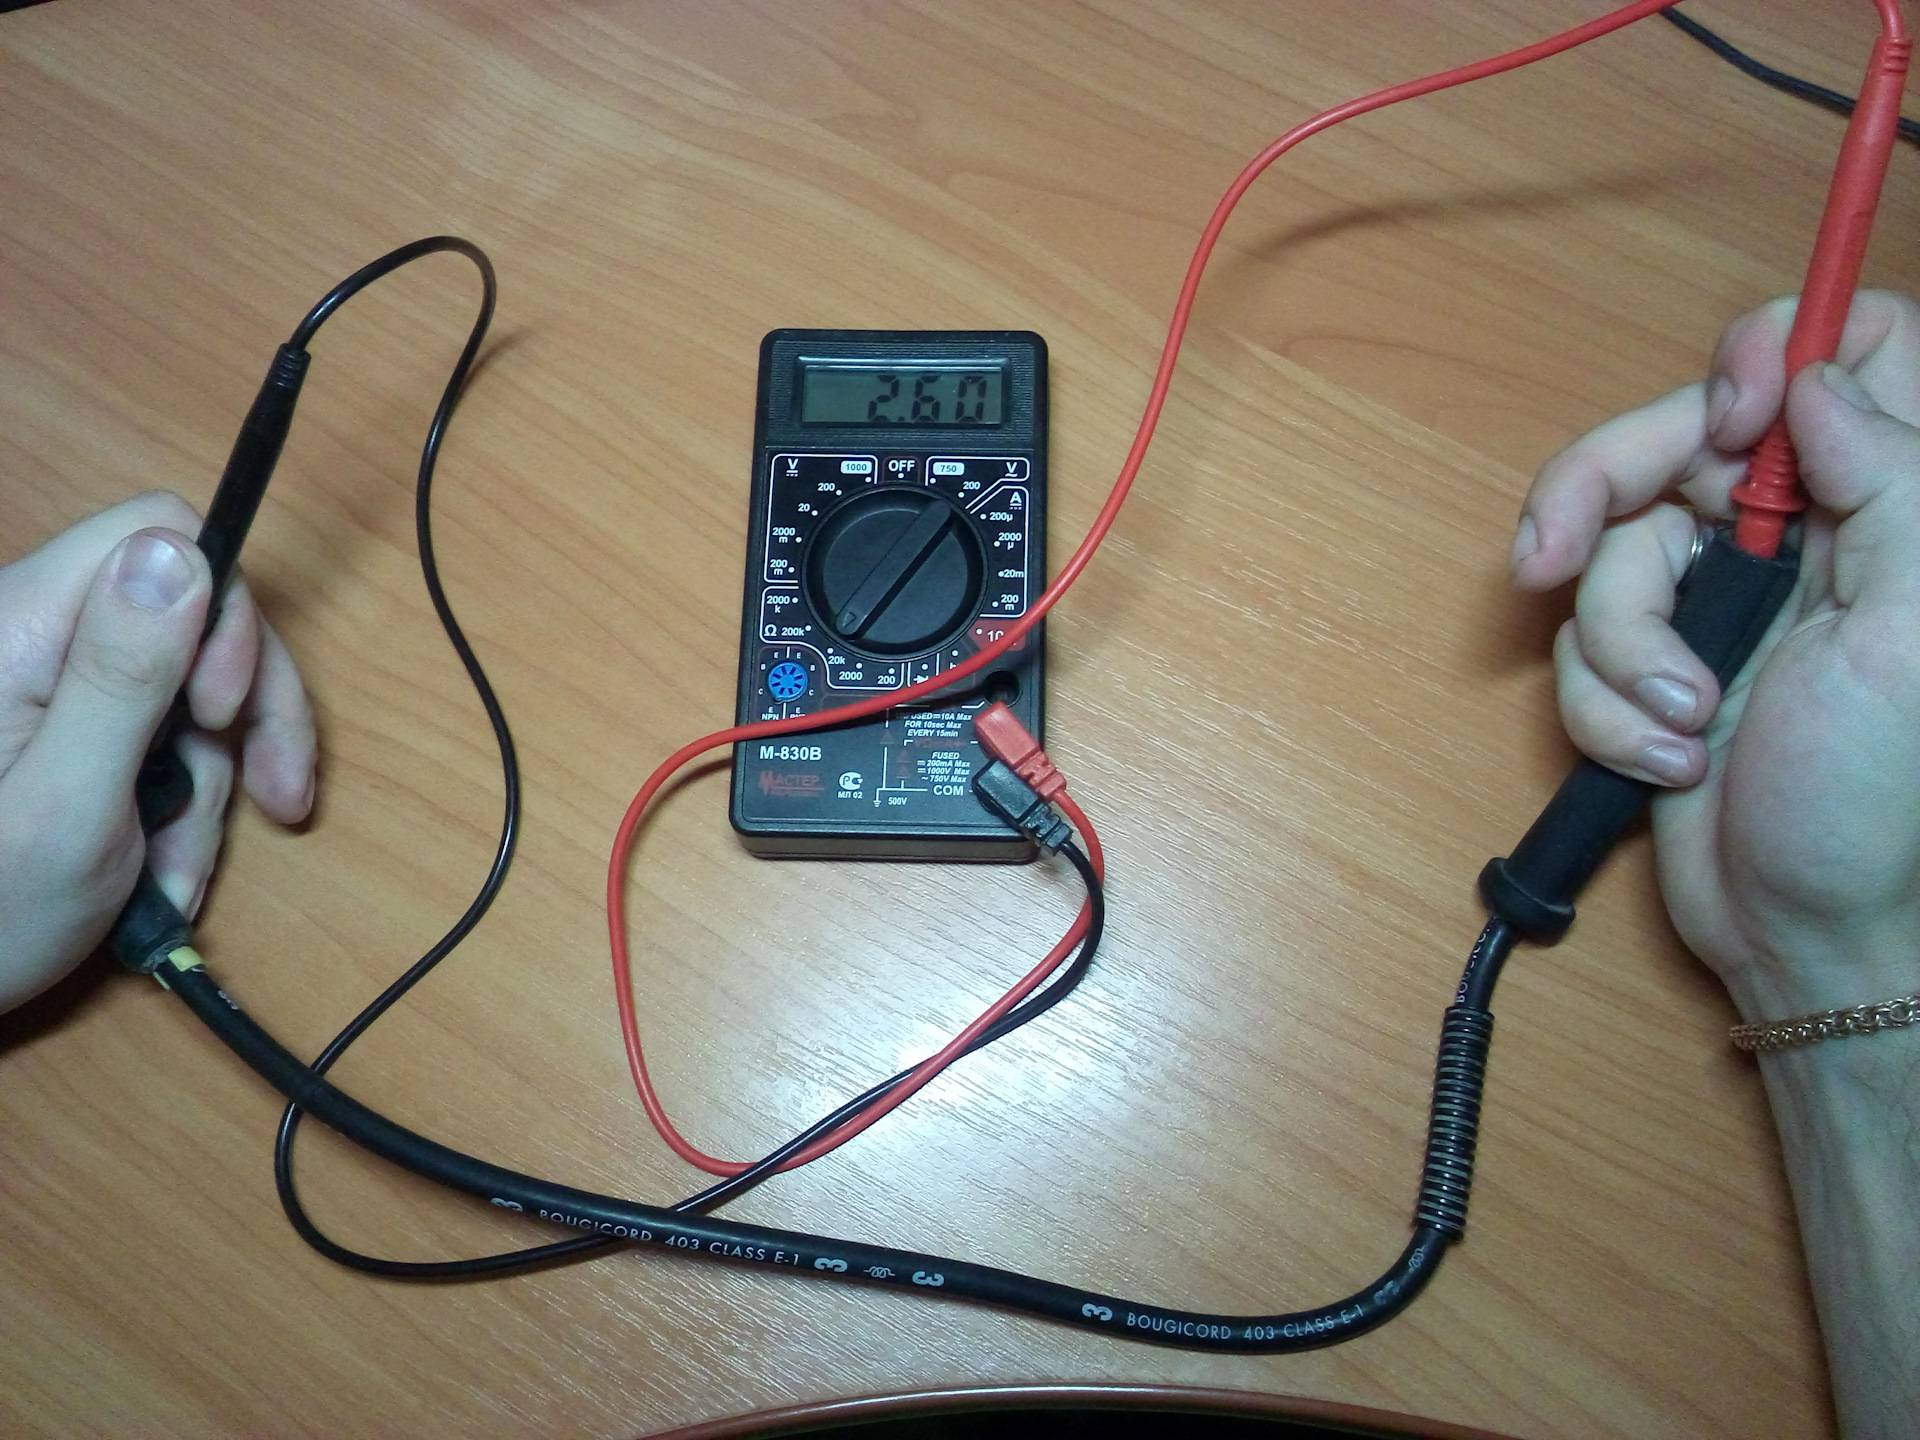 Проверка целосности провода с помощью мультиметра